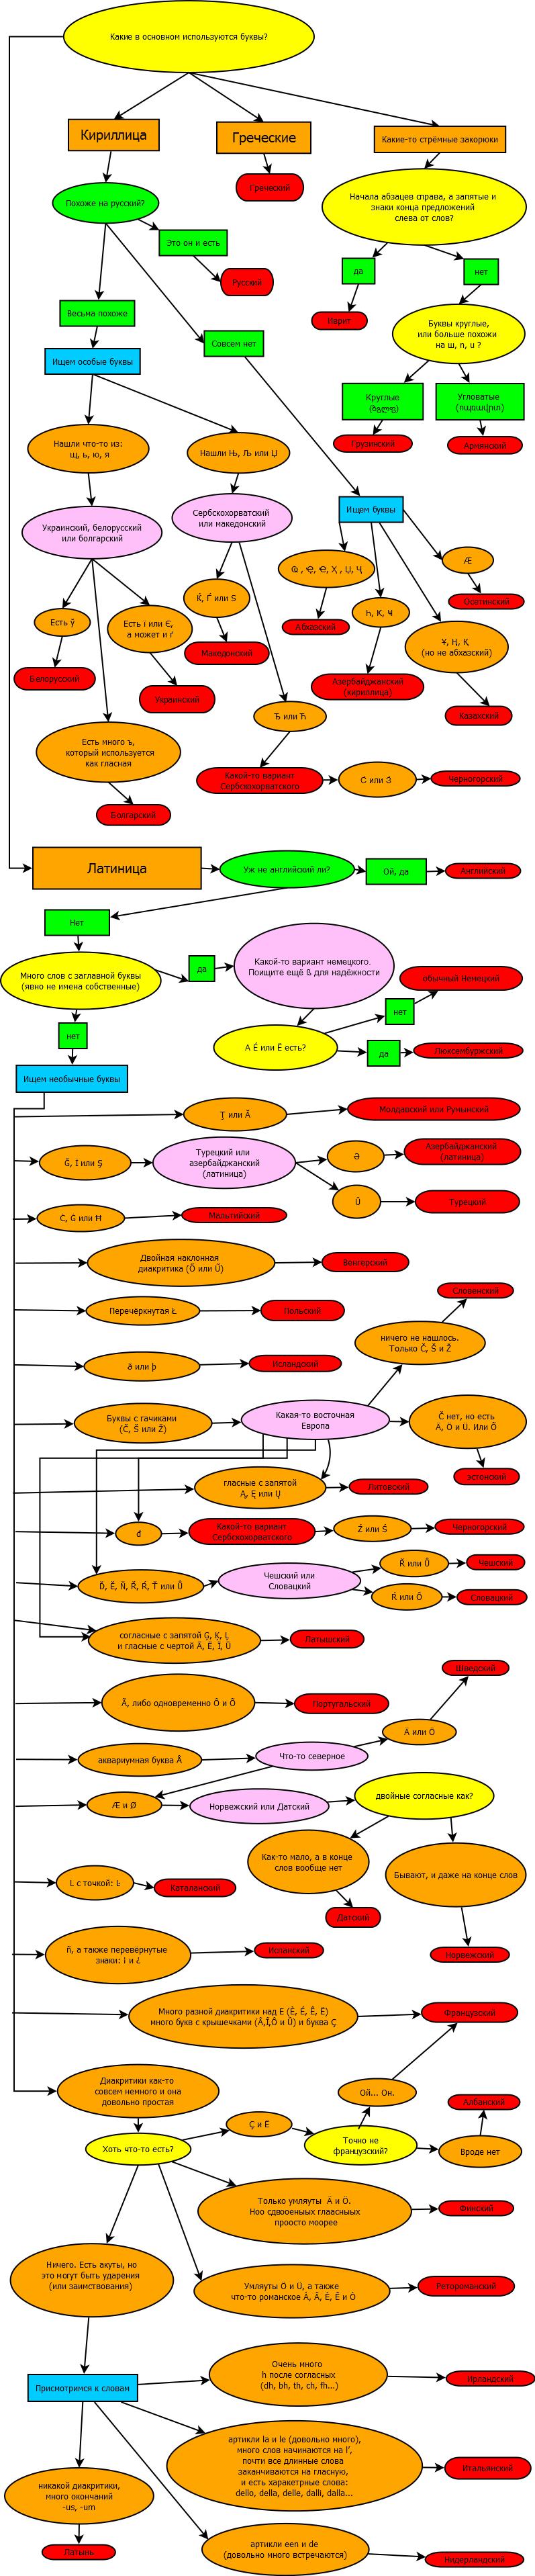 Как определить язык напечатанного текста? (Европейские языки)